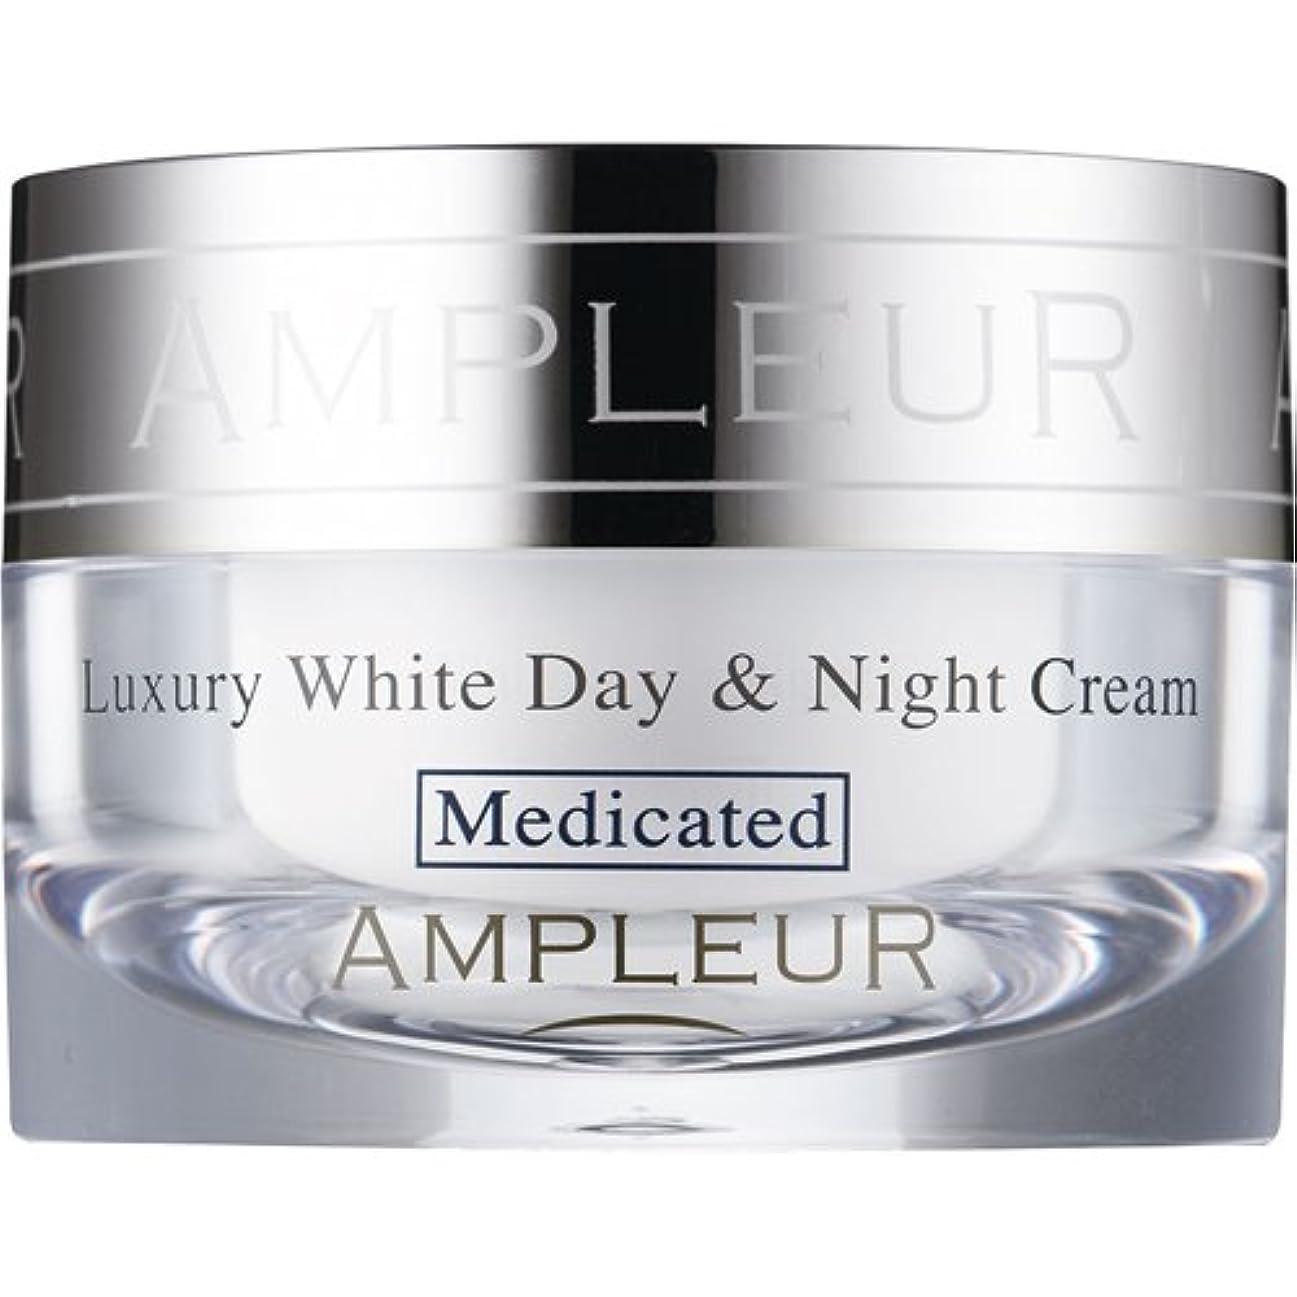 銛居間静めるAMPLEUR(アンプルール) ラグジュアリーホワイト 薬用デイ&ナイトクリーム 30g